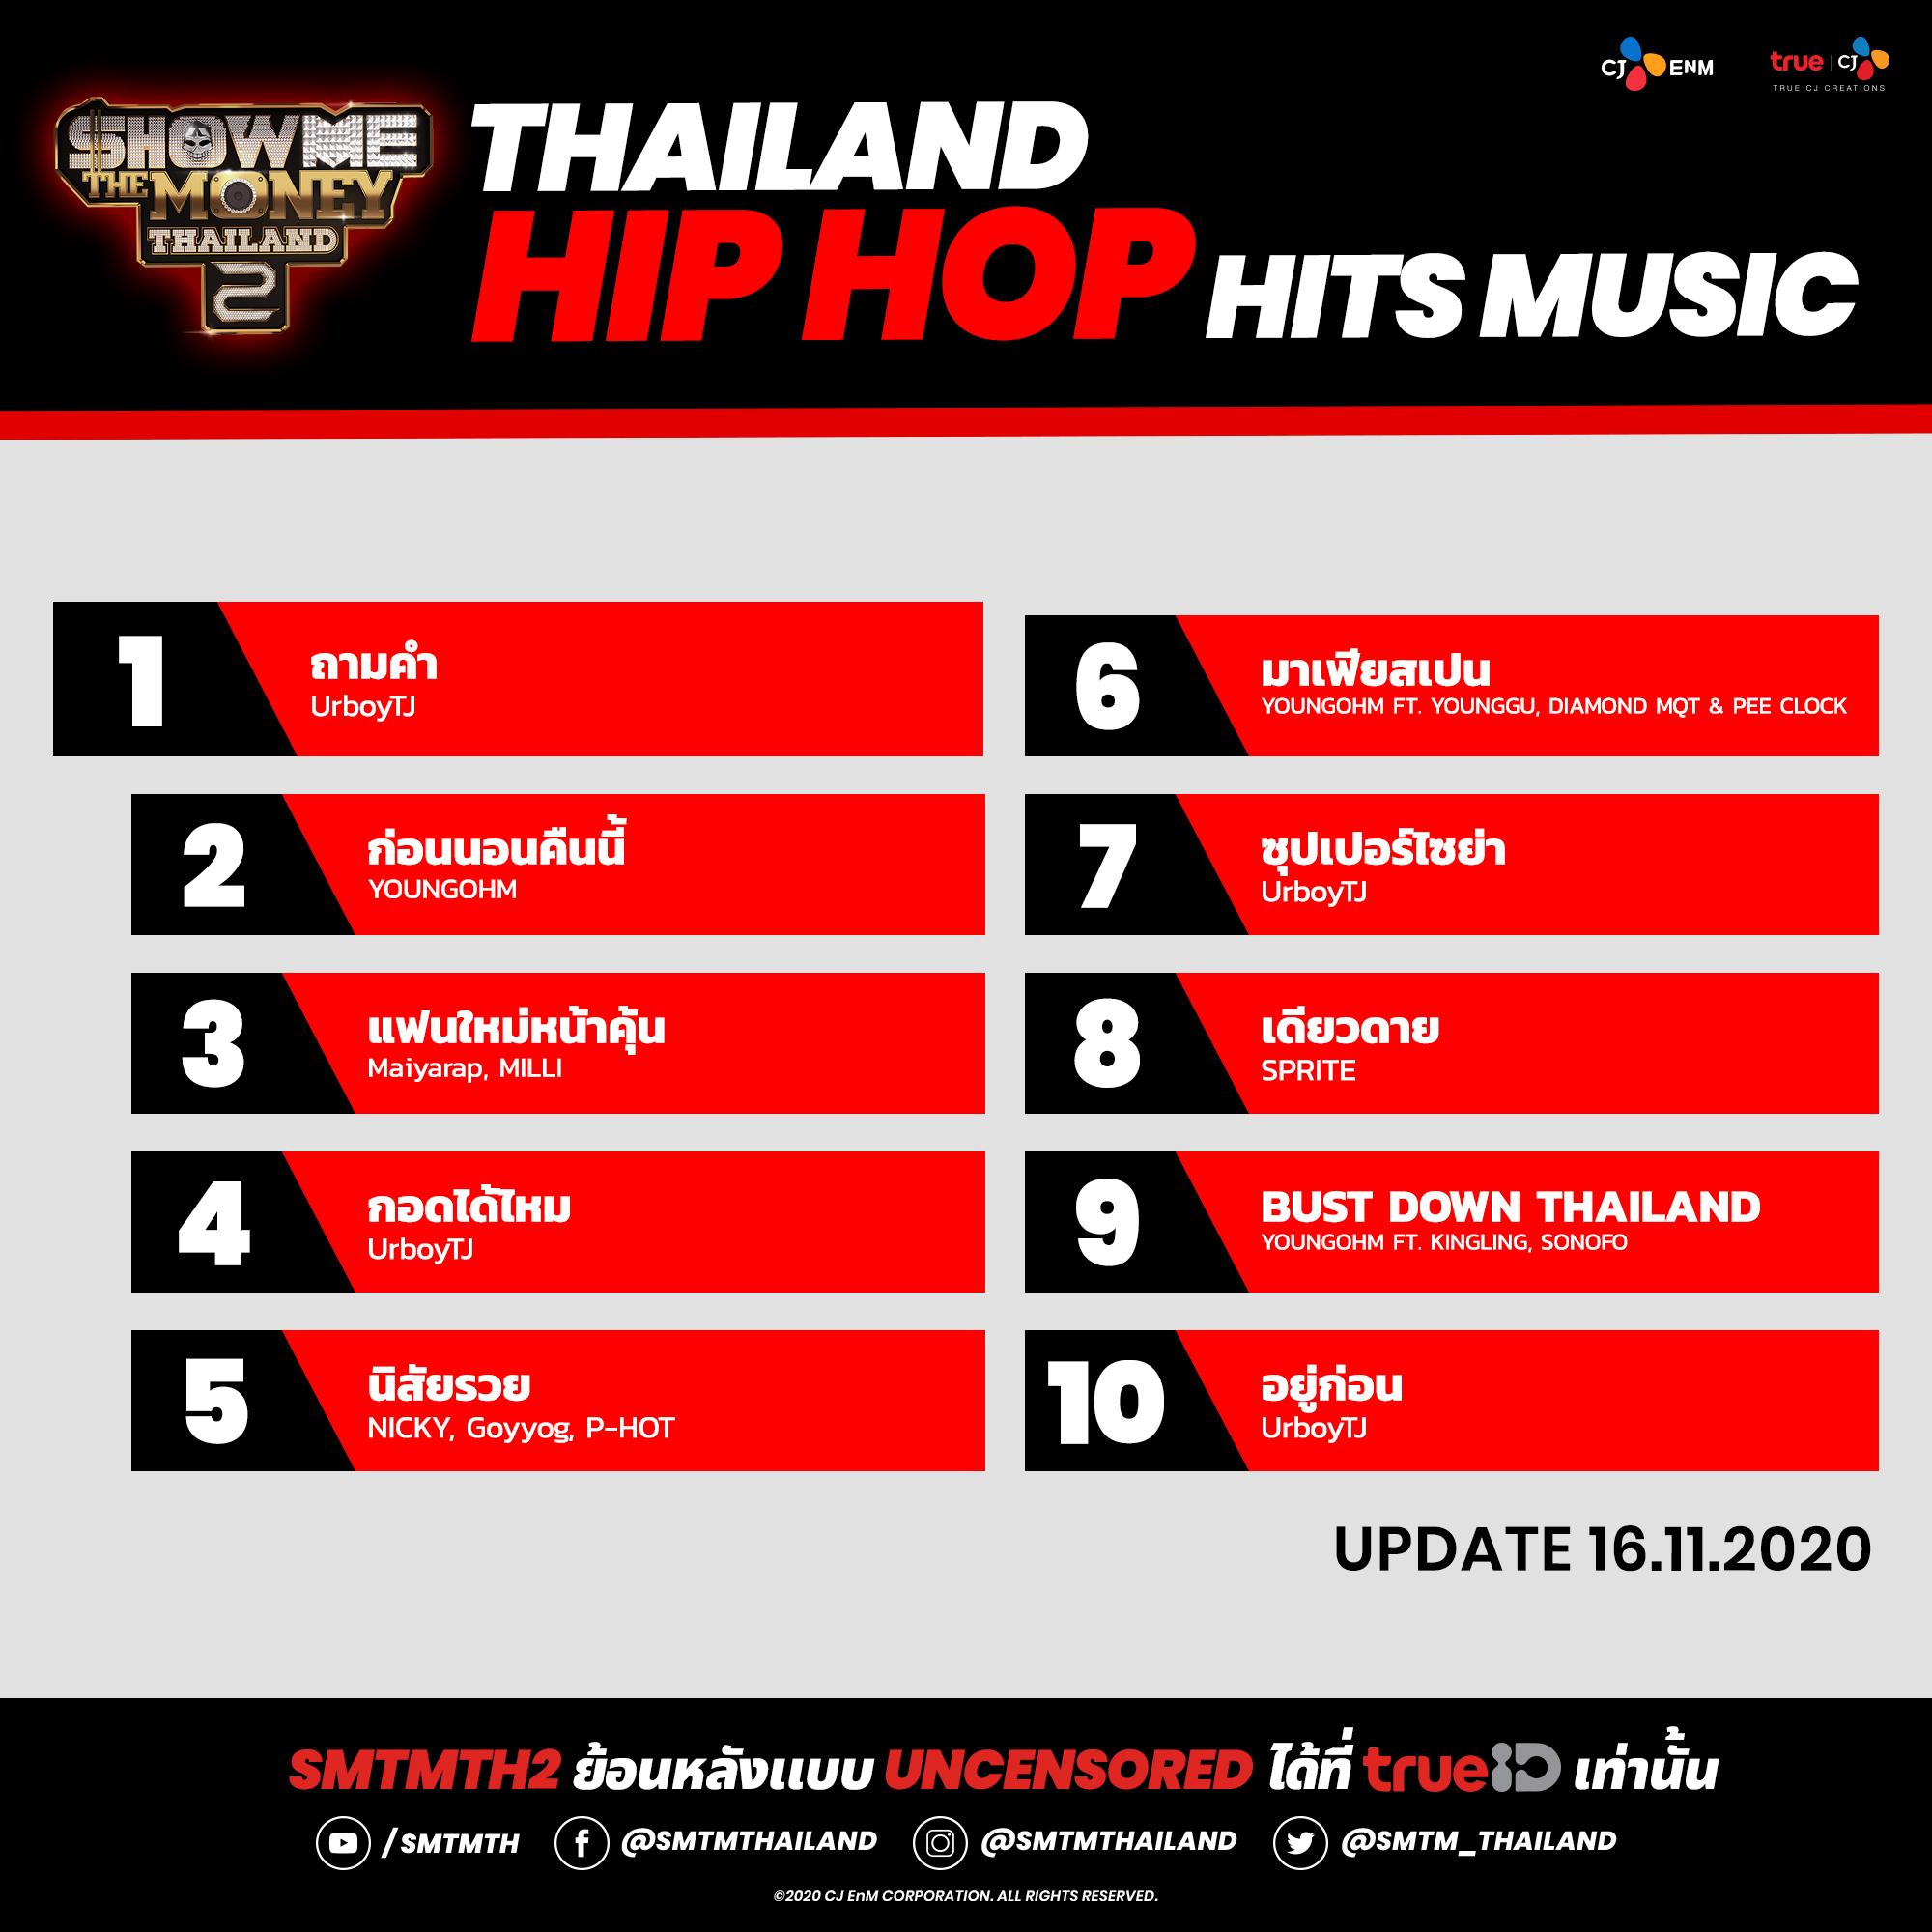 THAILAND HIP-HOP HITZ MUSIC